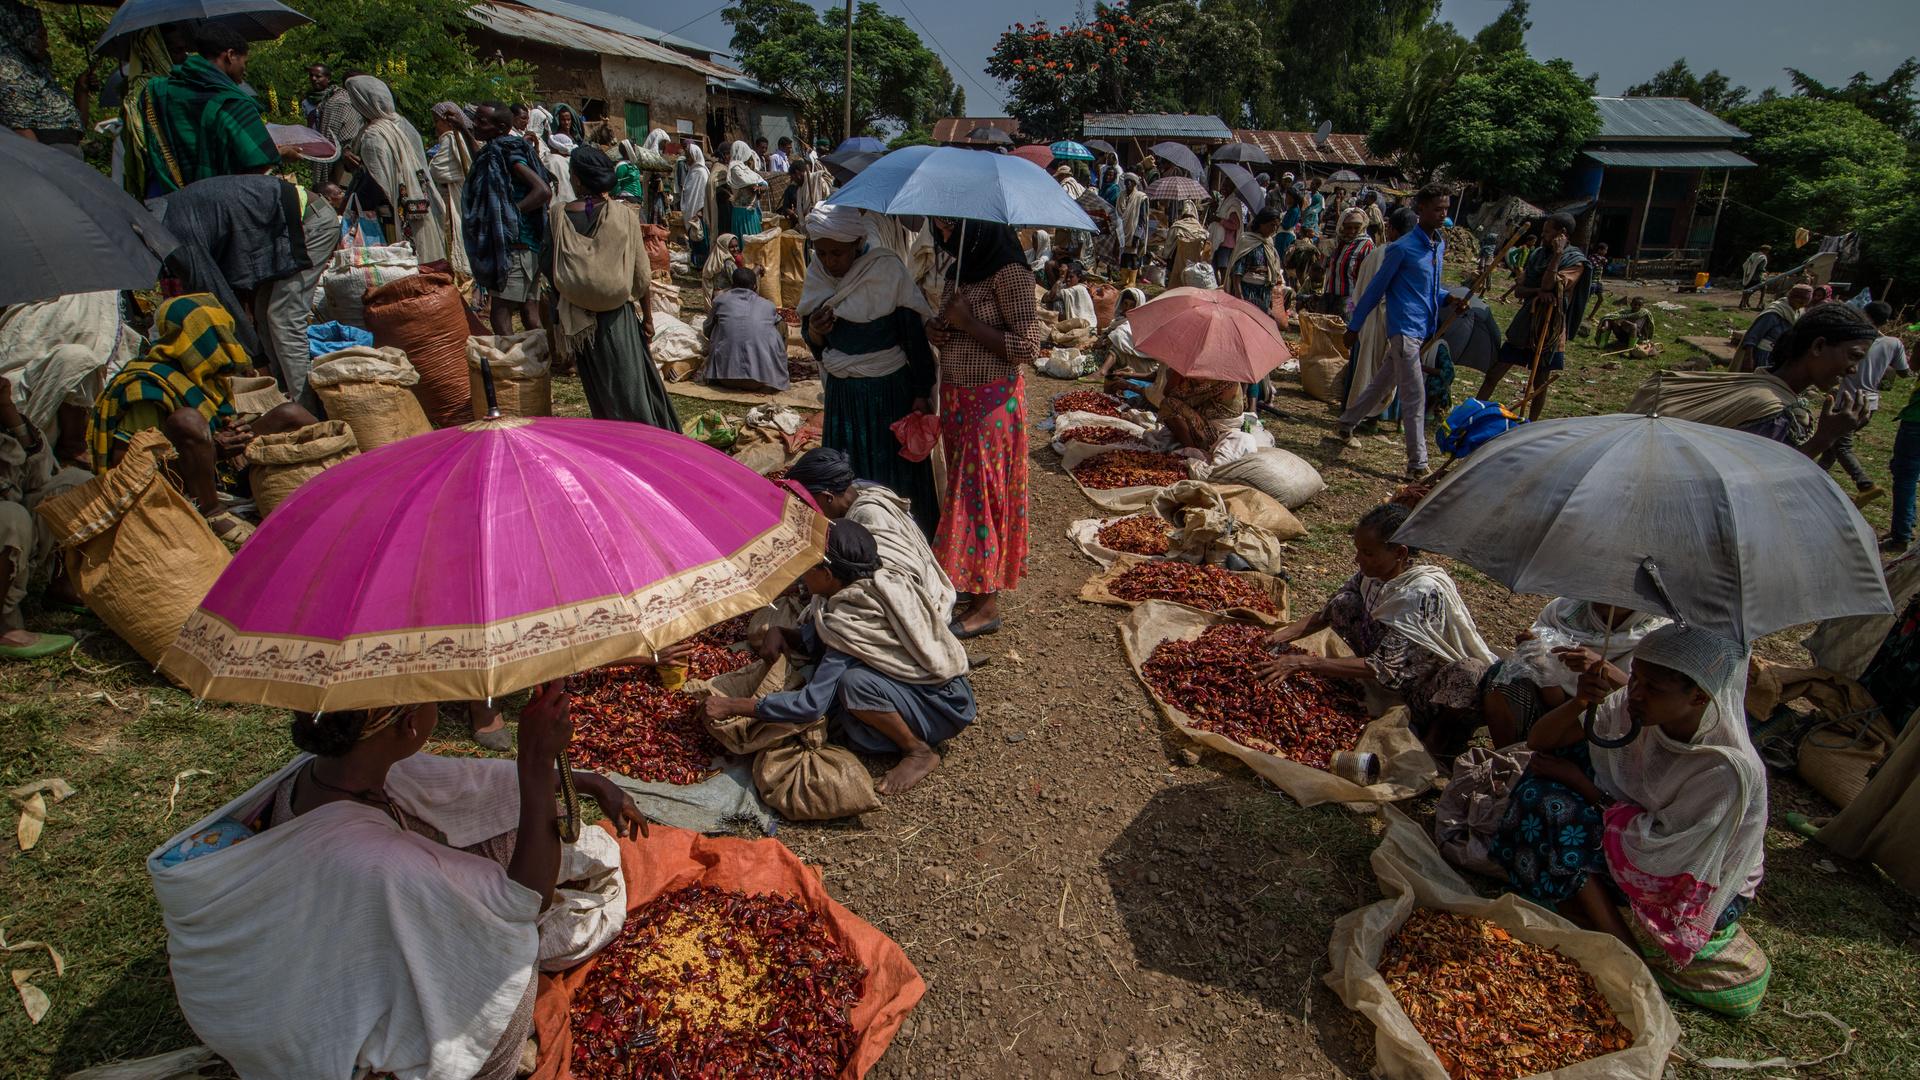 L'allée des piments sur un marché de campagne.